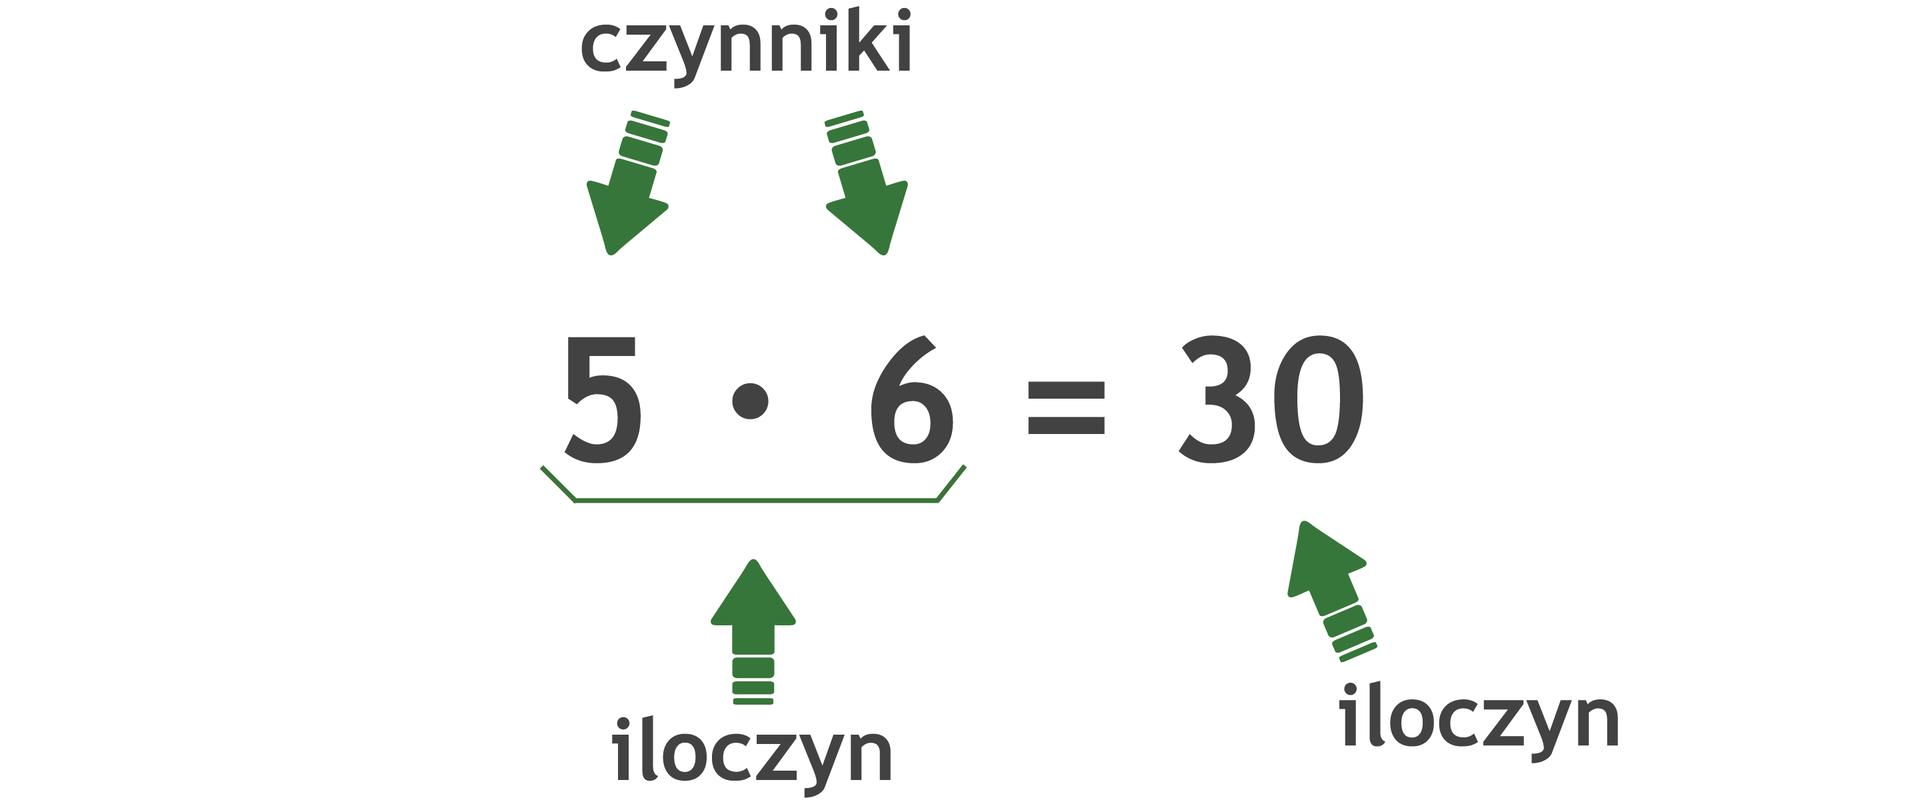 Działanie: 5 razy 6 =30. Liczby wmnożeniu to czynniki. Wynik mnożenia to iloczyn.